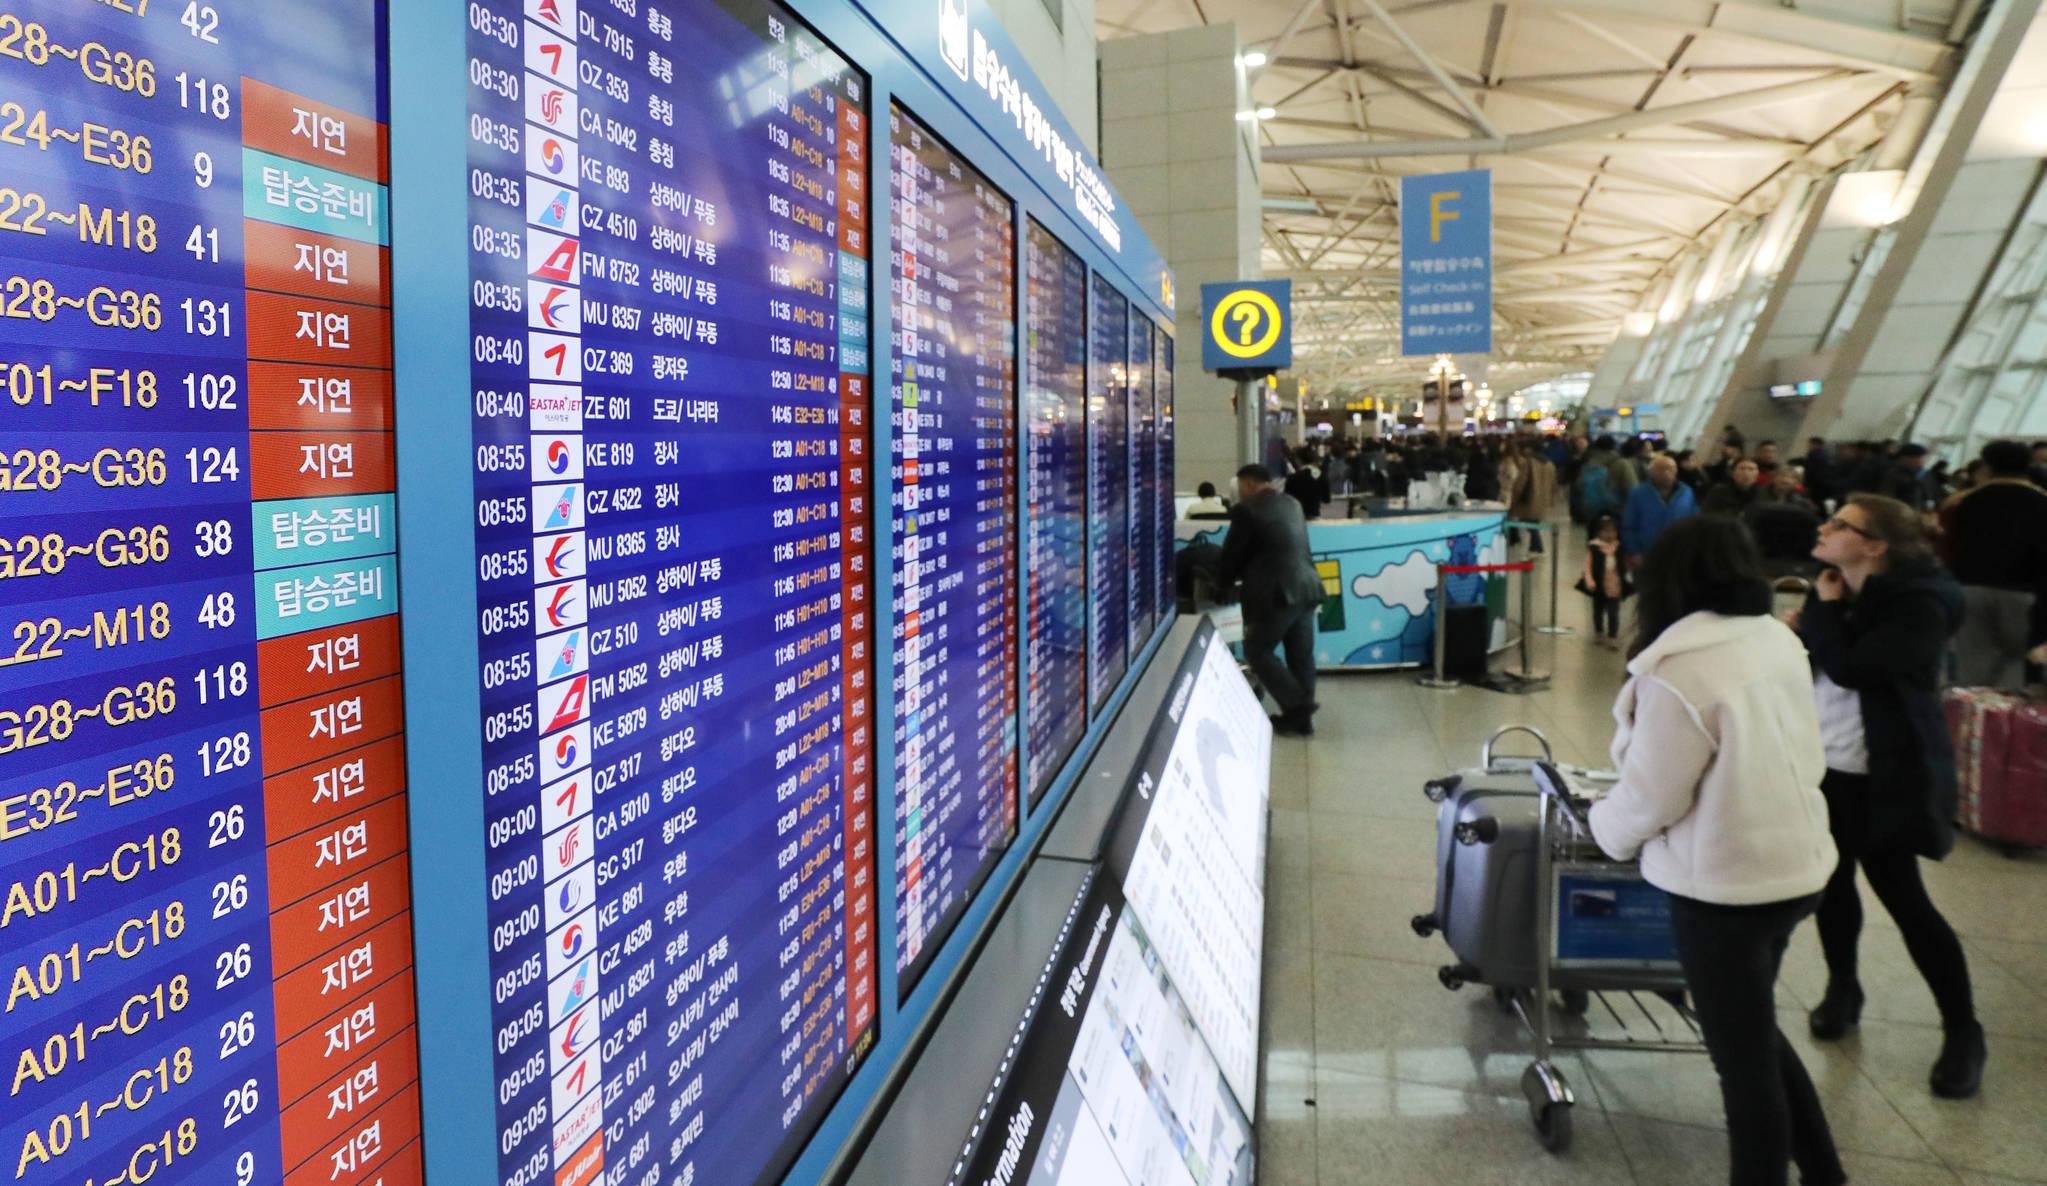 항공기 출발이나 도착이 예정보다 크게 늦어지면 승객들은 적지 않은 불편을 겪게 된다. [연합뉴스]